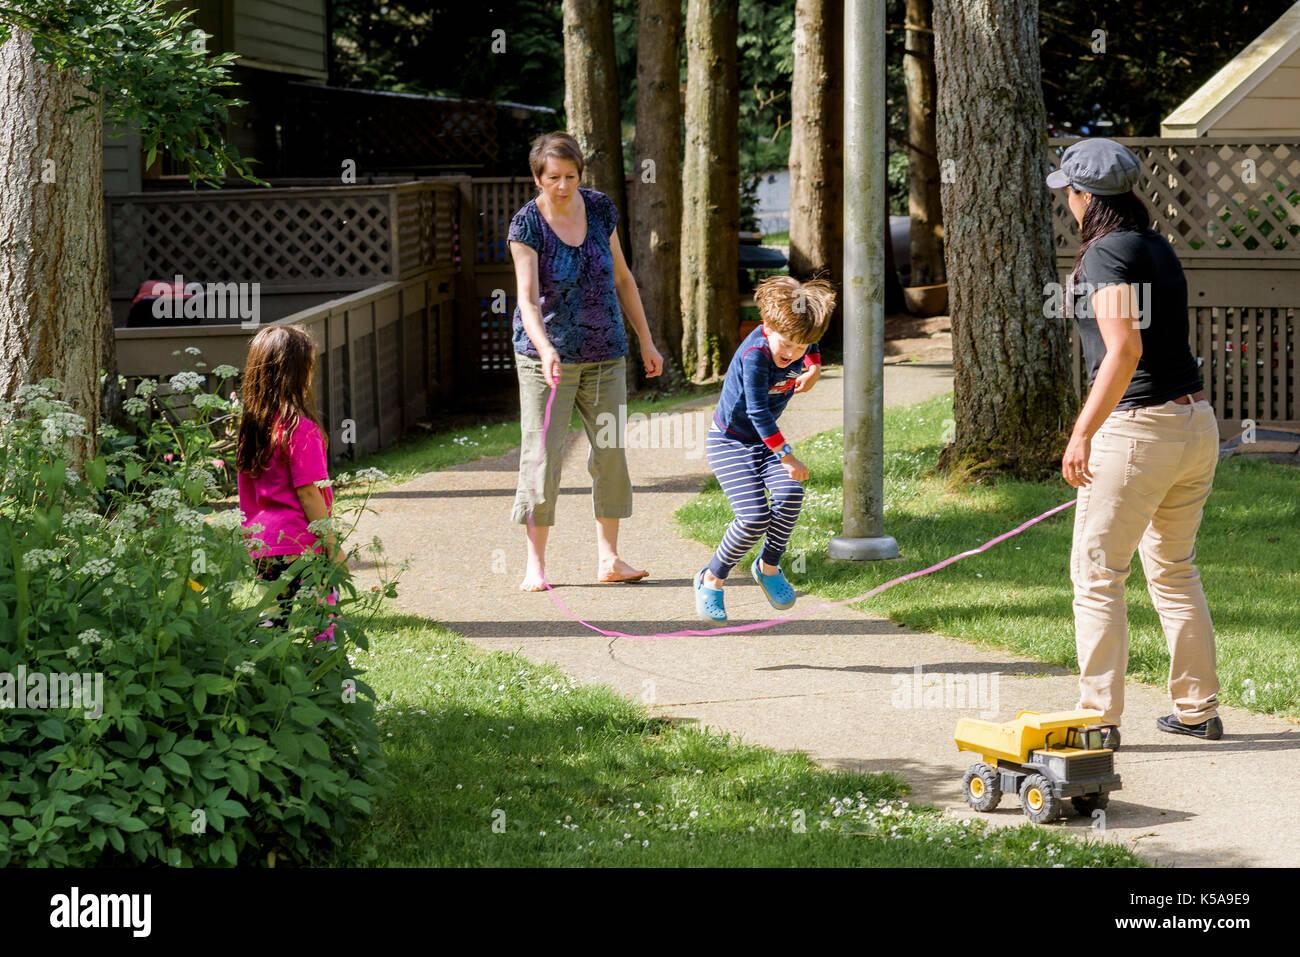 Junge Junge spielt Springseil Spiel mit Erwachsenen. Stockbild